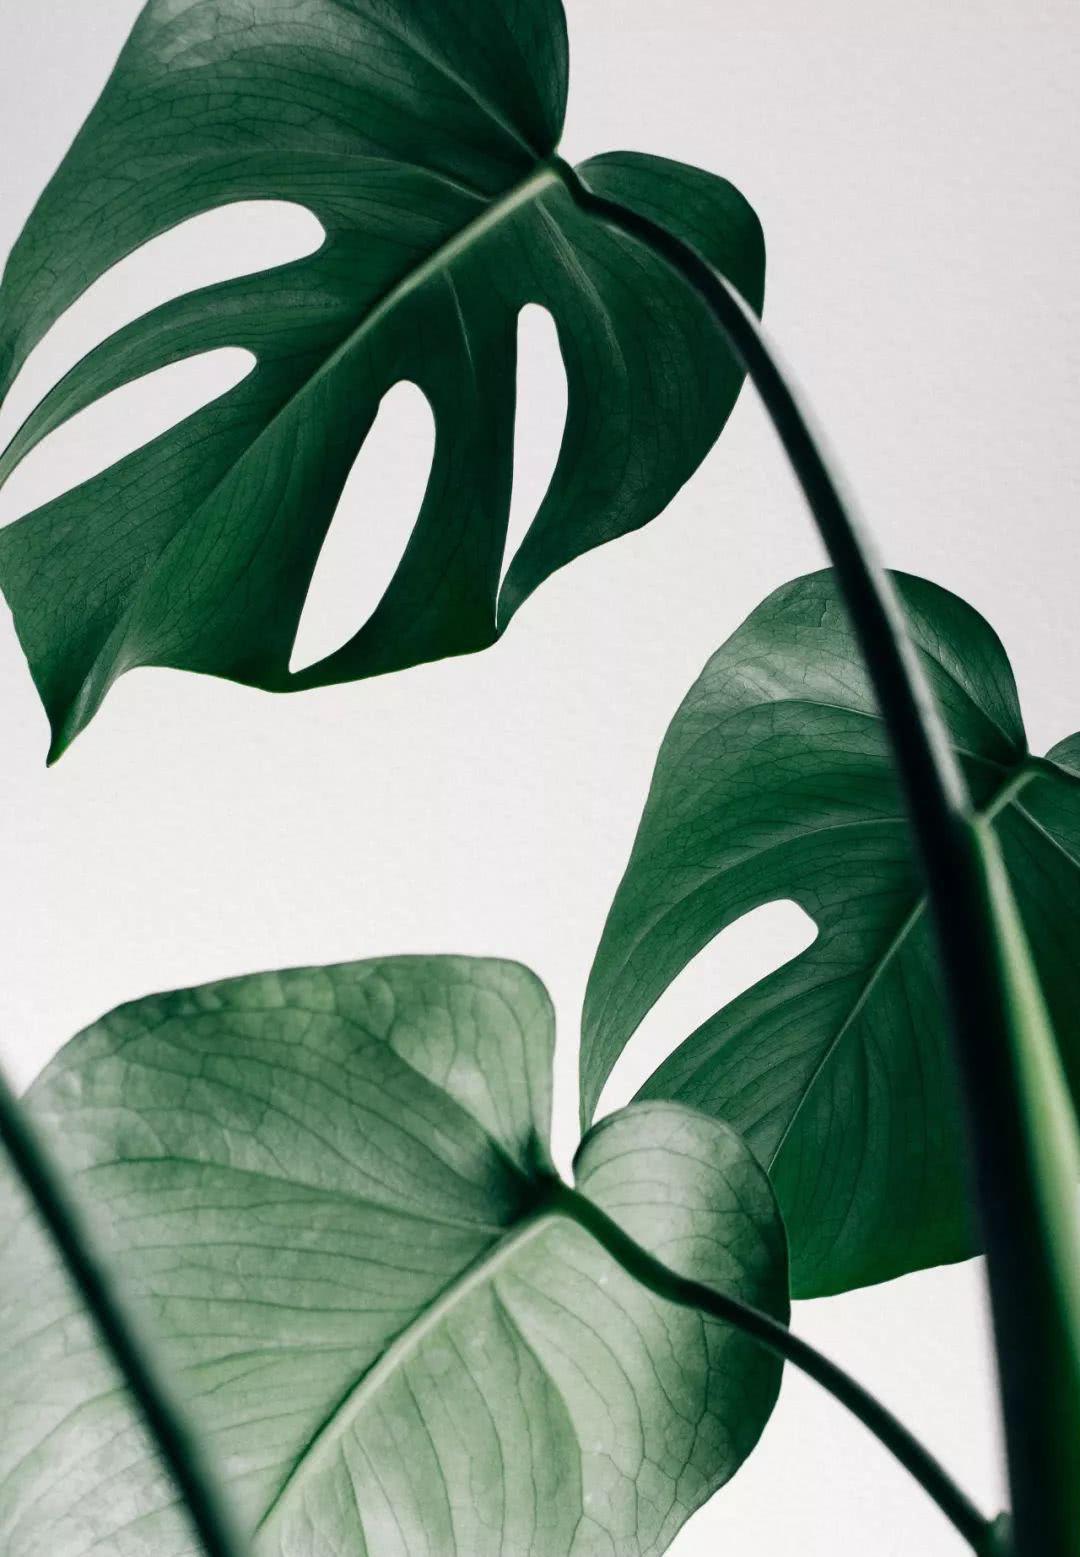 龟背竹的叶子形态很像龟壳,而且又是比较耐生的一个室内物品,同时它图片